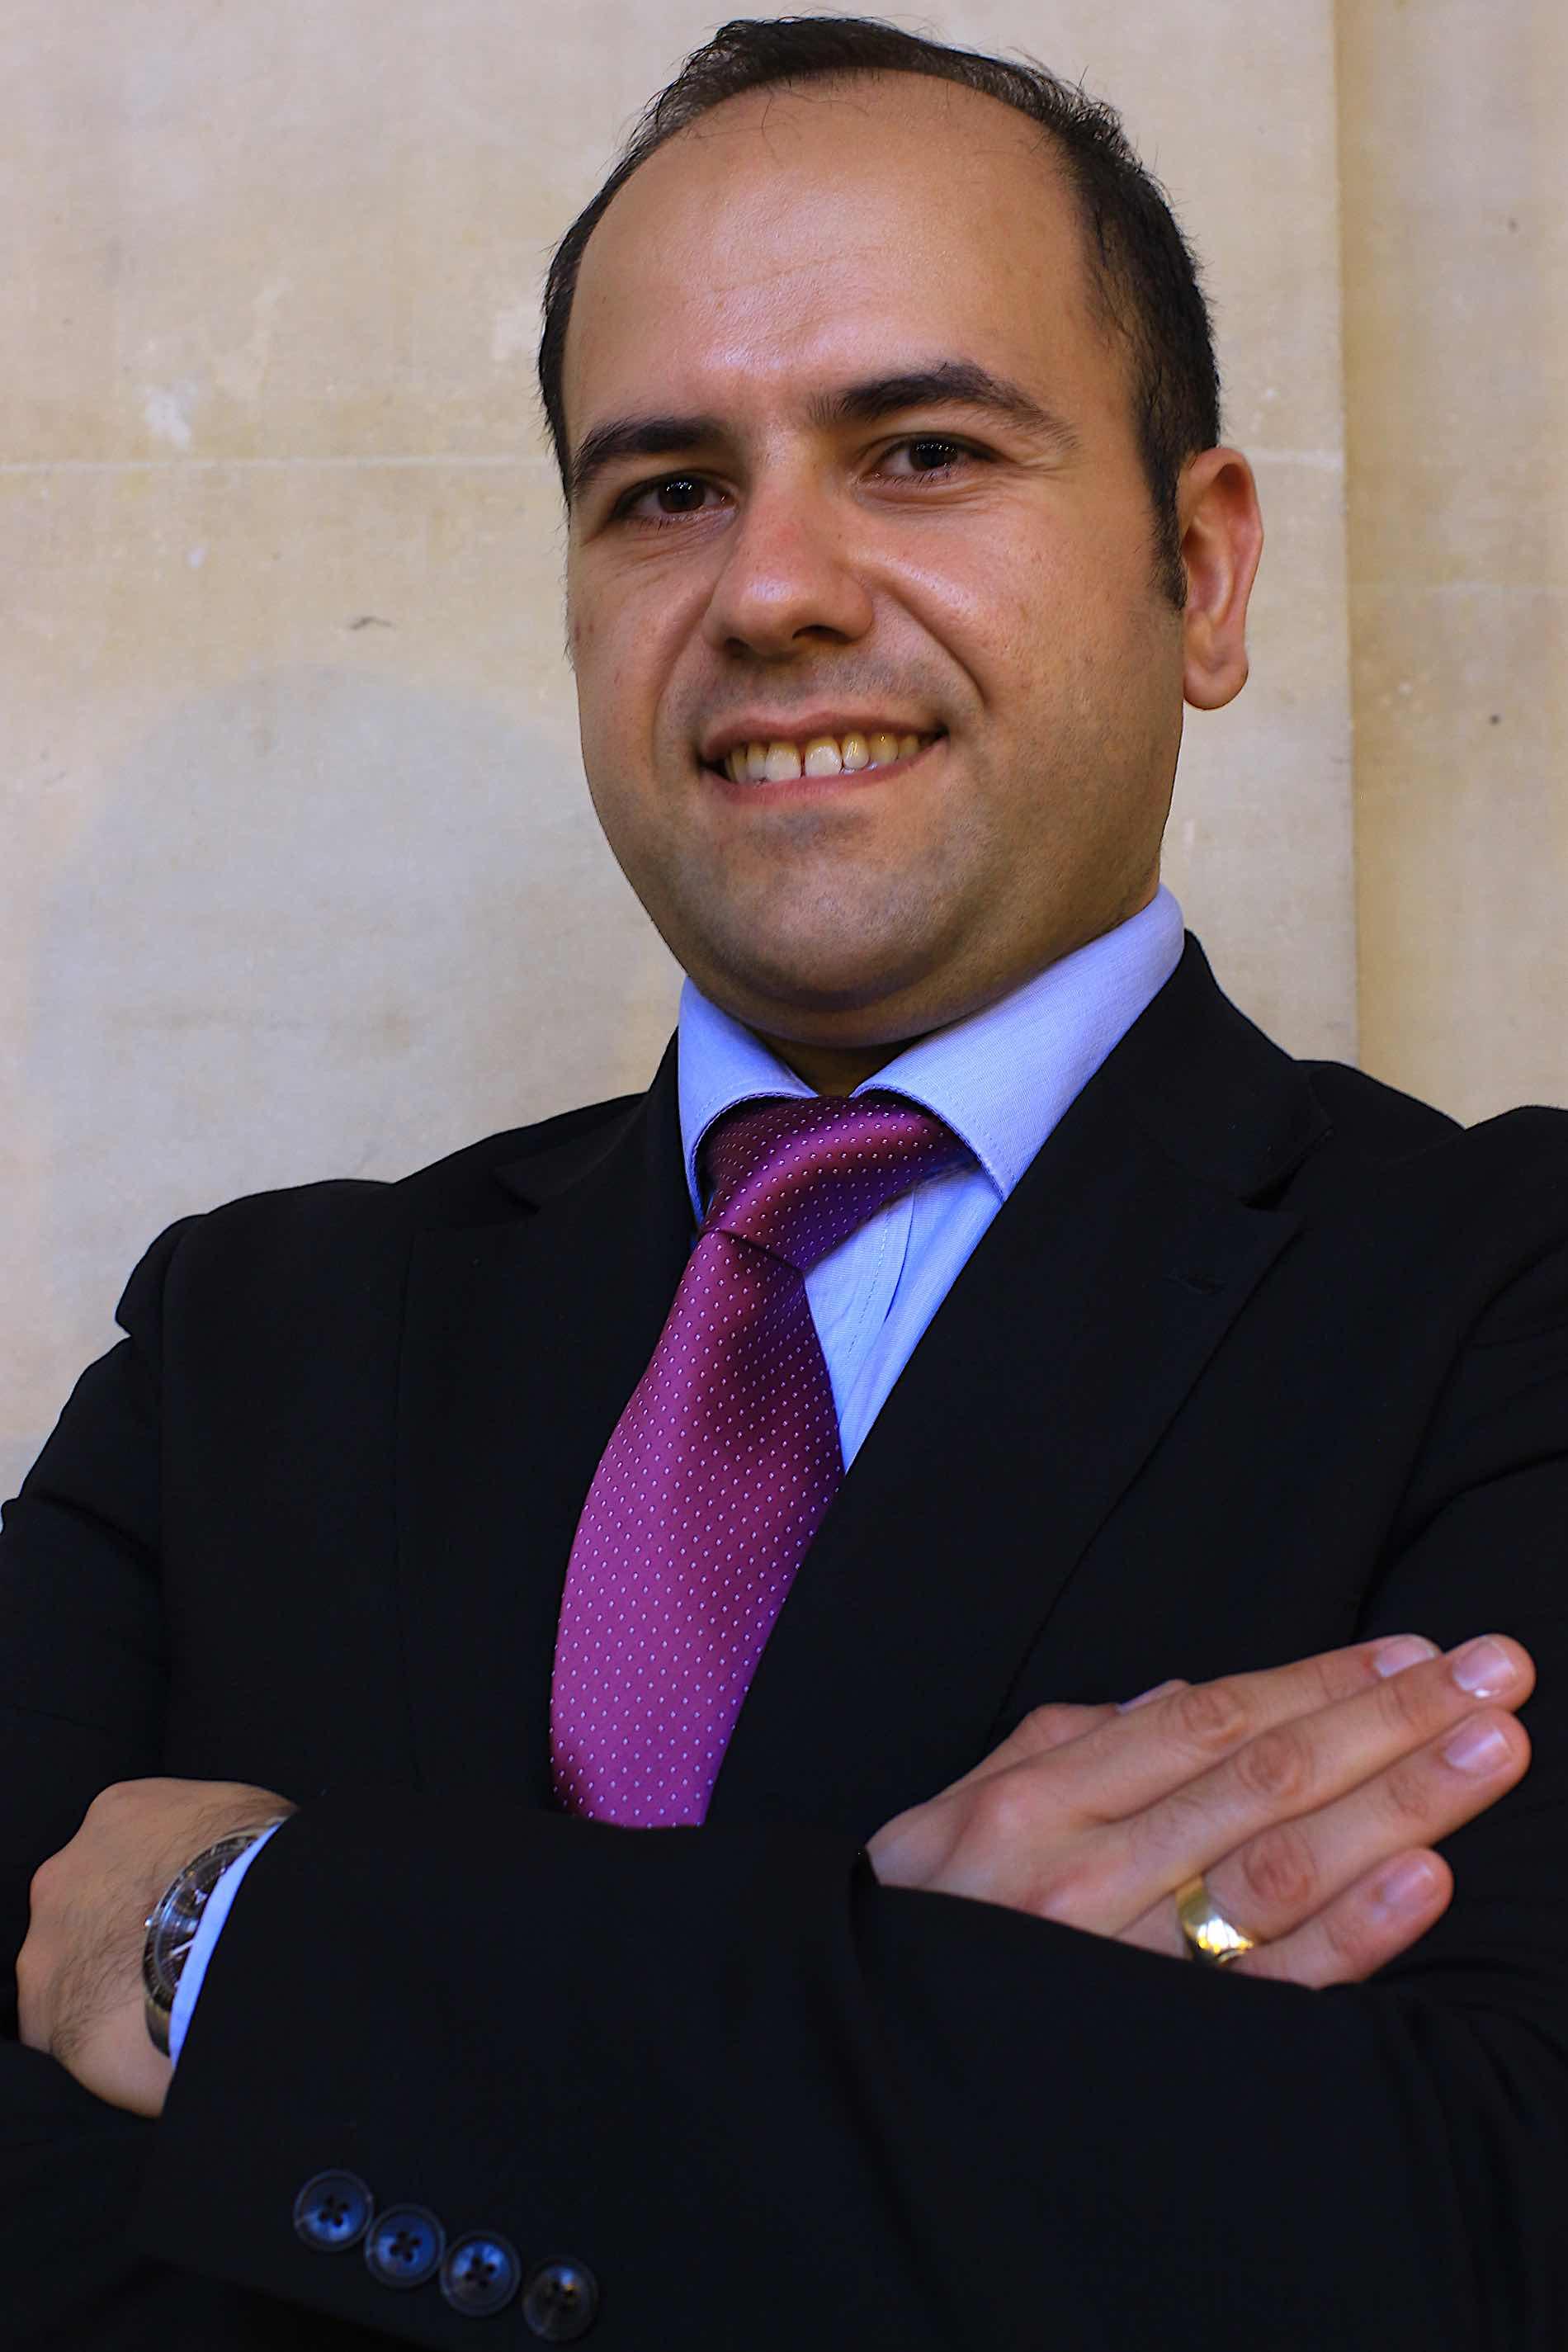 Richard Khan